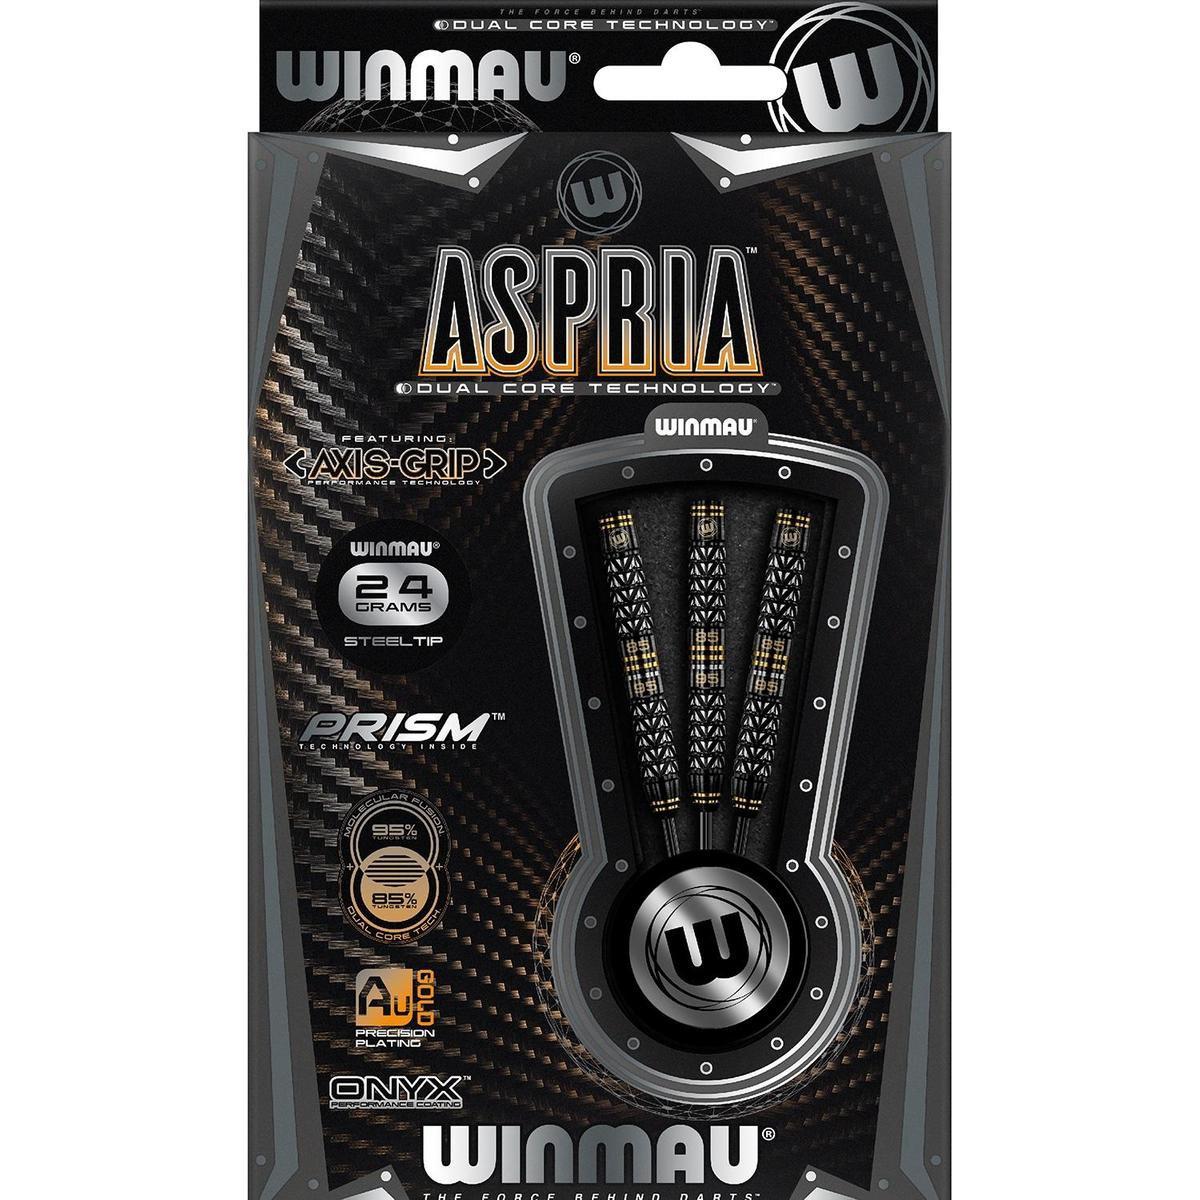 Winmau Aspria B 95%/85% - 24 Gram